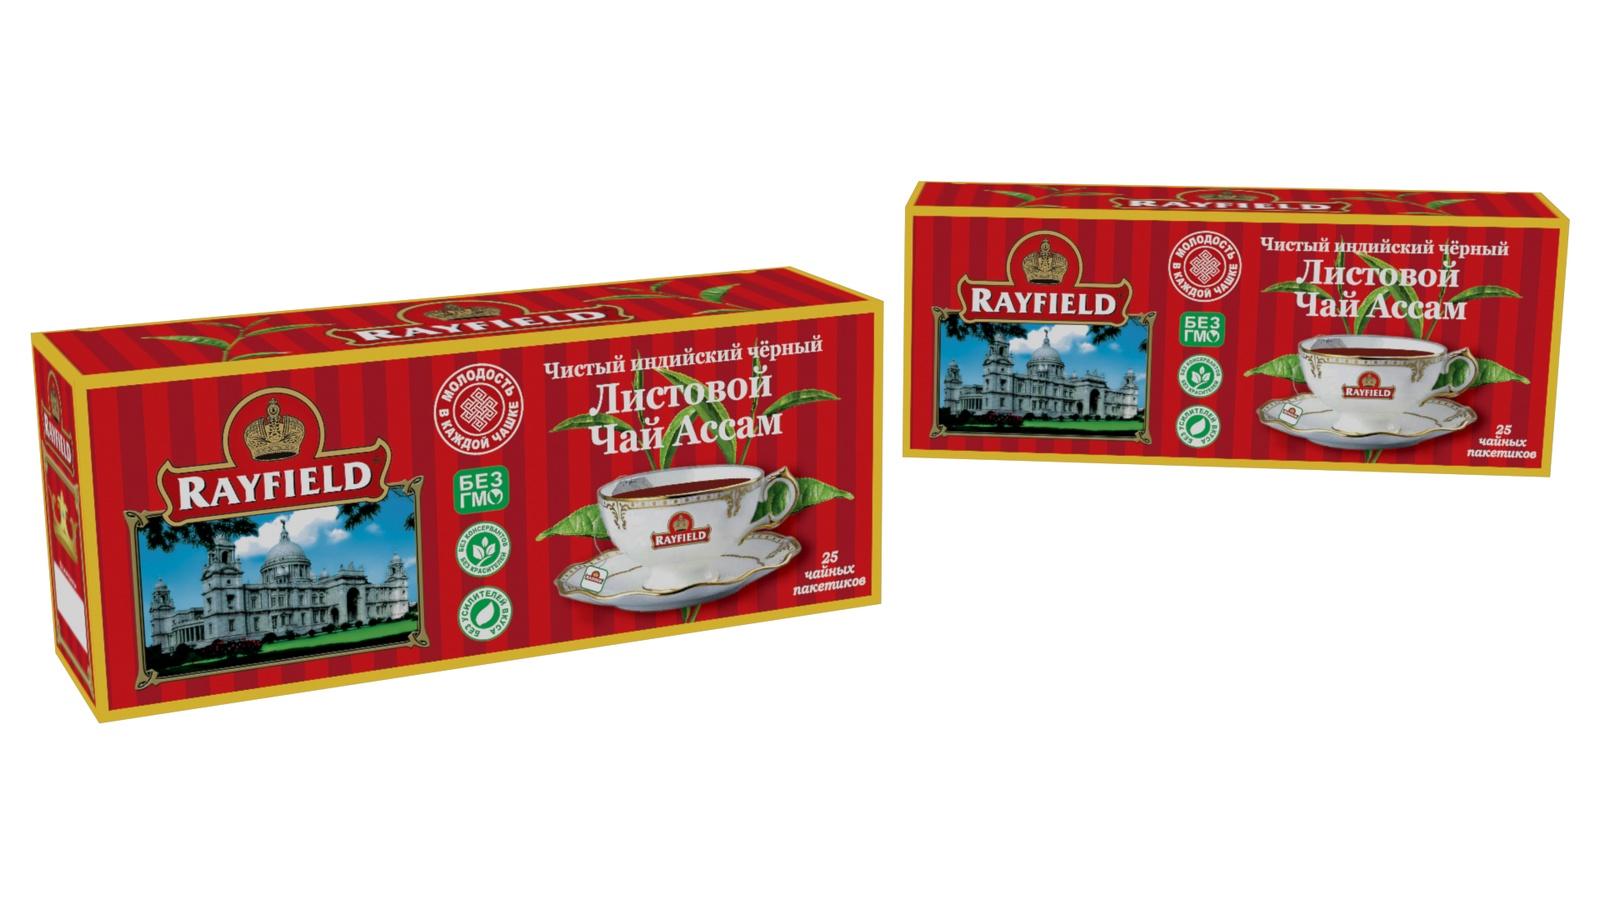 RAYFIELD Листовой Черный Чай Ассам Чистый Индийский 25 пакетиков 2 пачки в комплекте